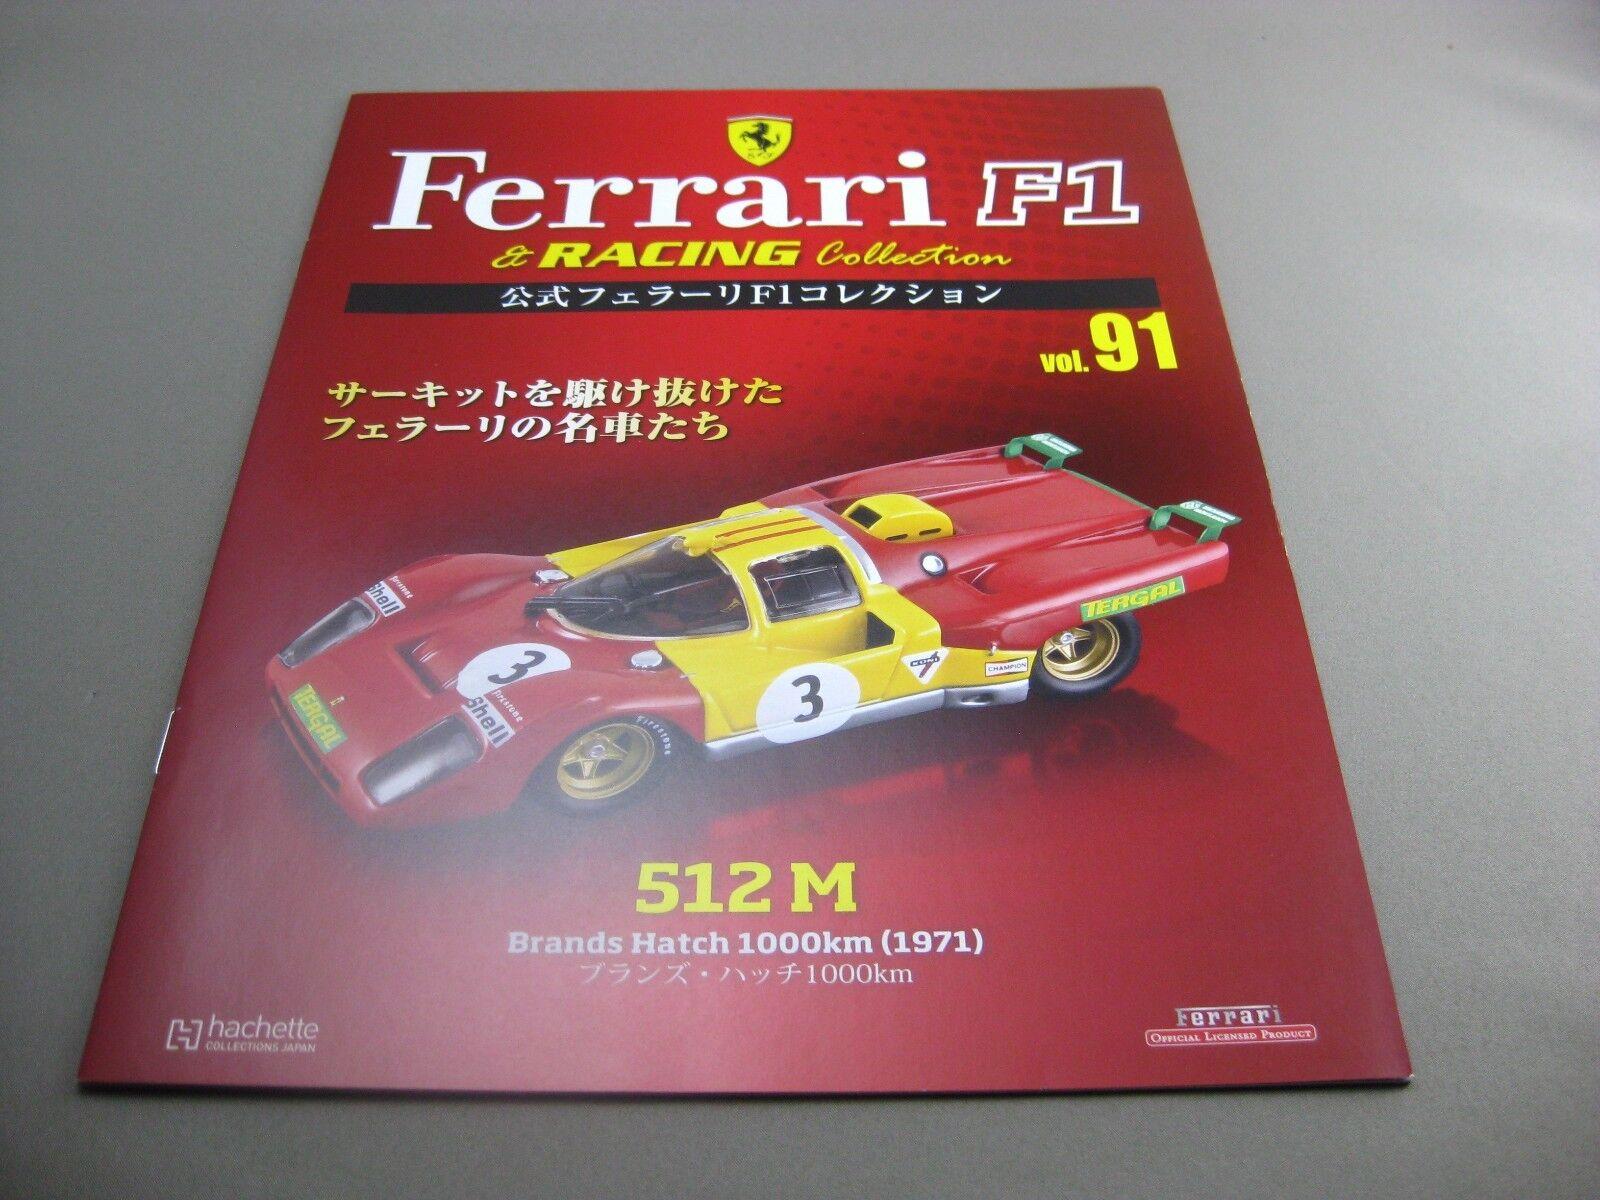 Ferrari Ferrari Ferrari 512 M Brands Hatch 1000km 1971 hachette 1 43 Diecast model car Vol.91 30ceaa